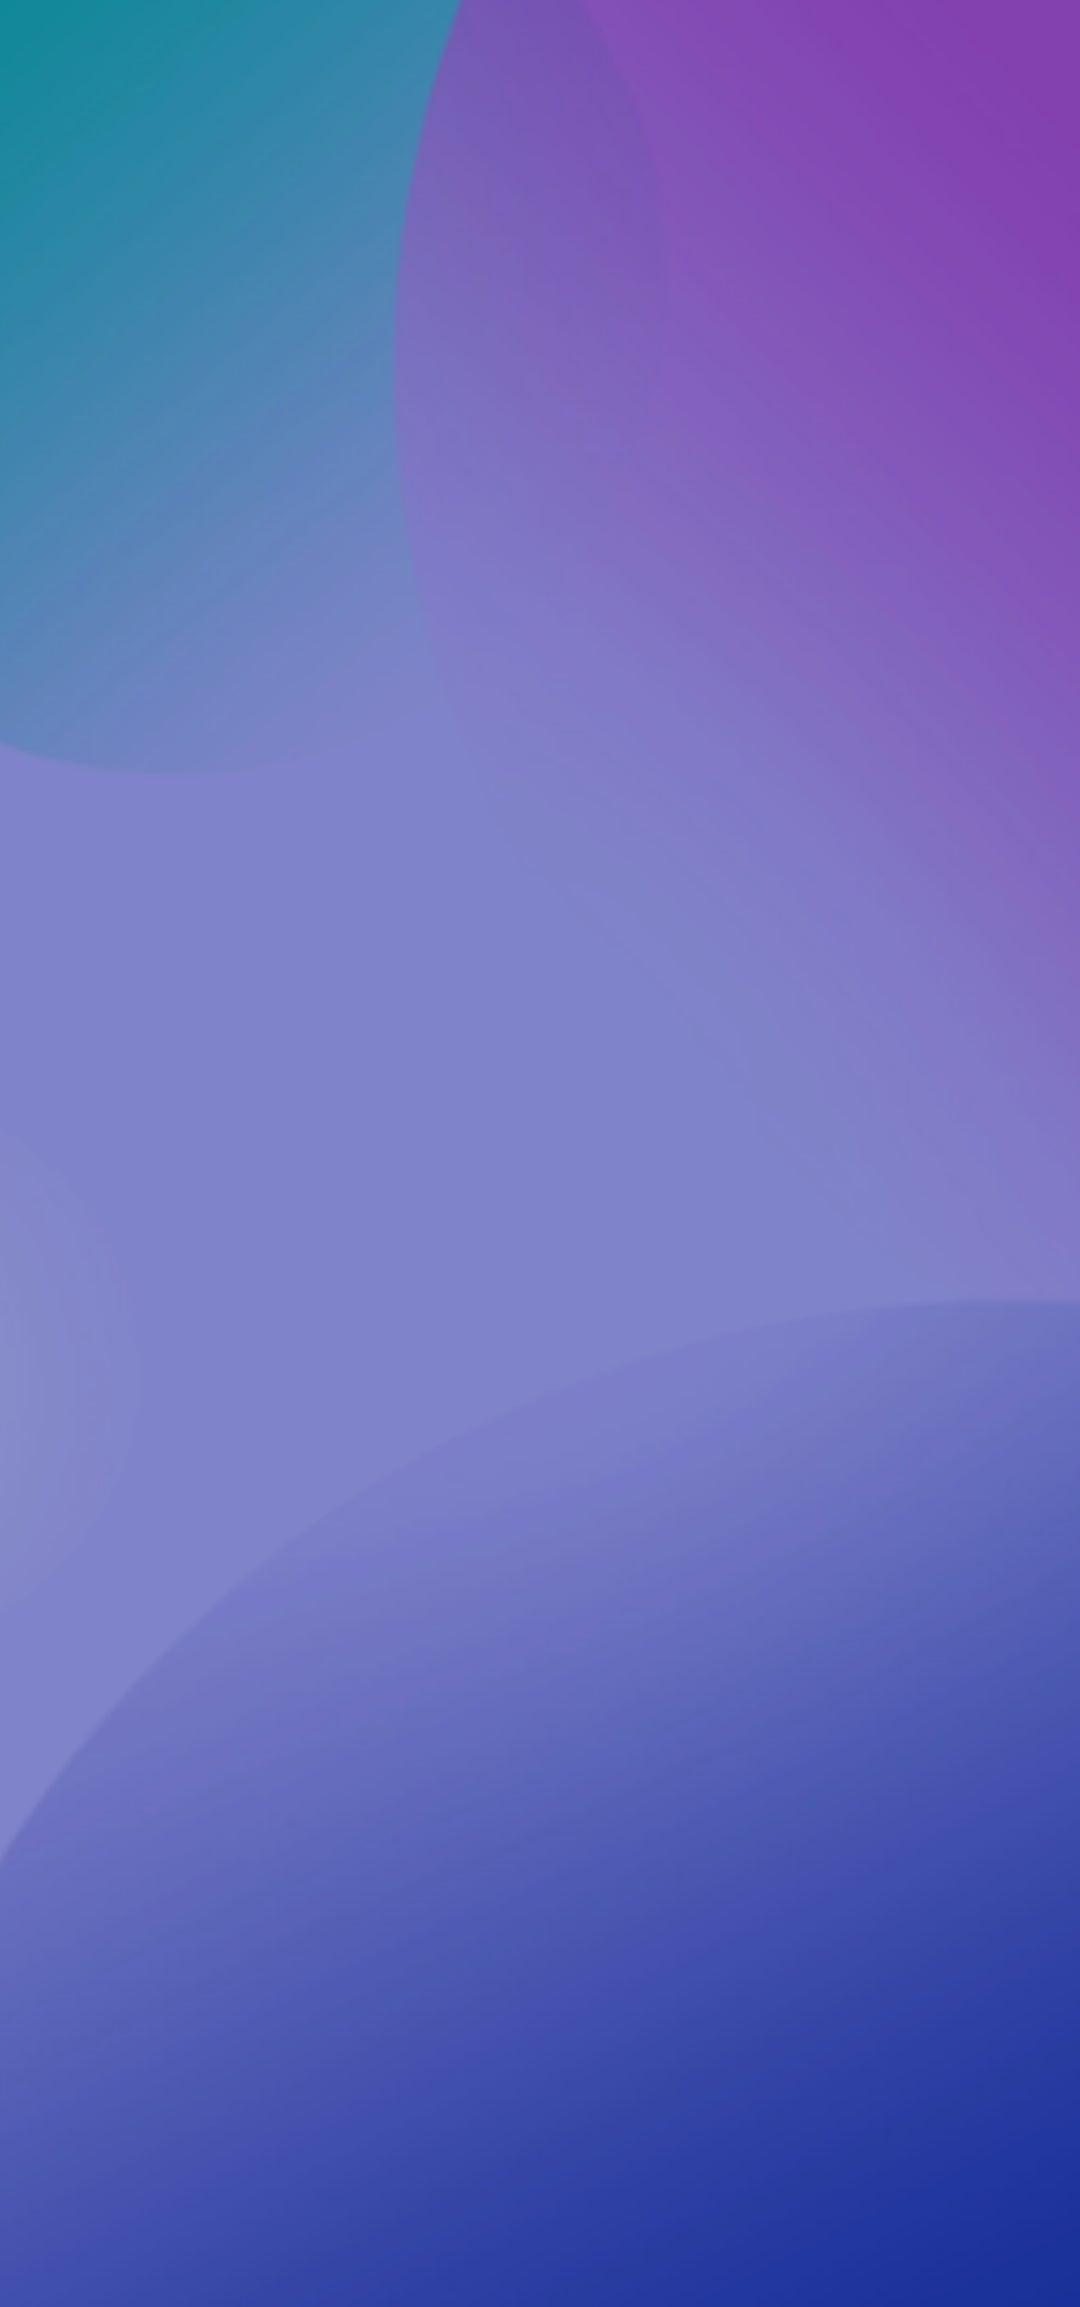 تحميل خلفيات واجهة سامسونج One UI 3 الاصلية برابط مباشر (4)